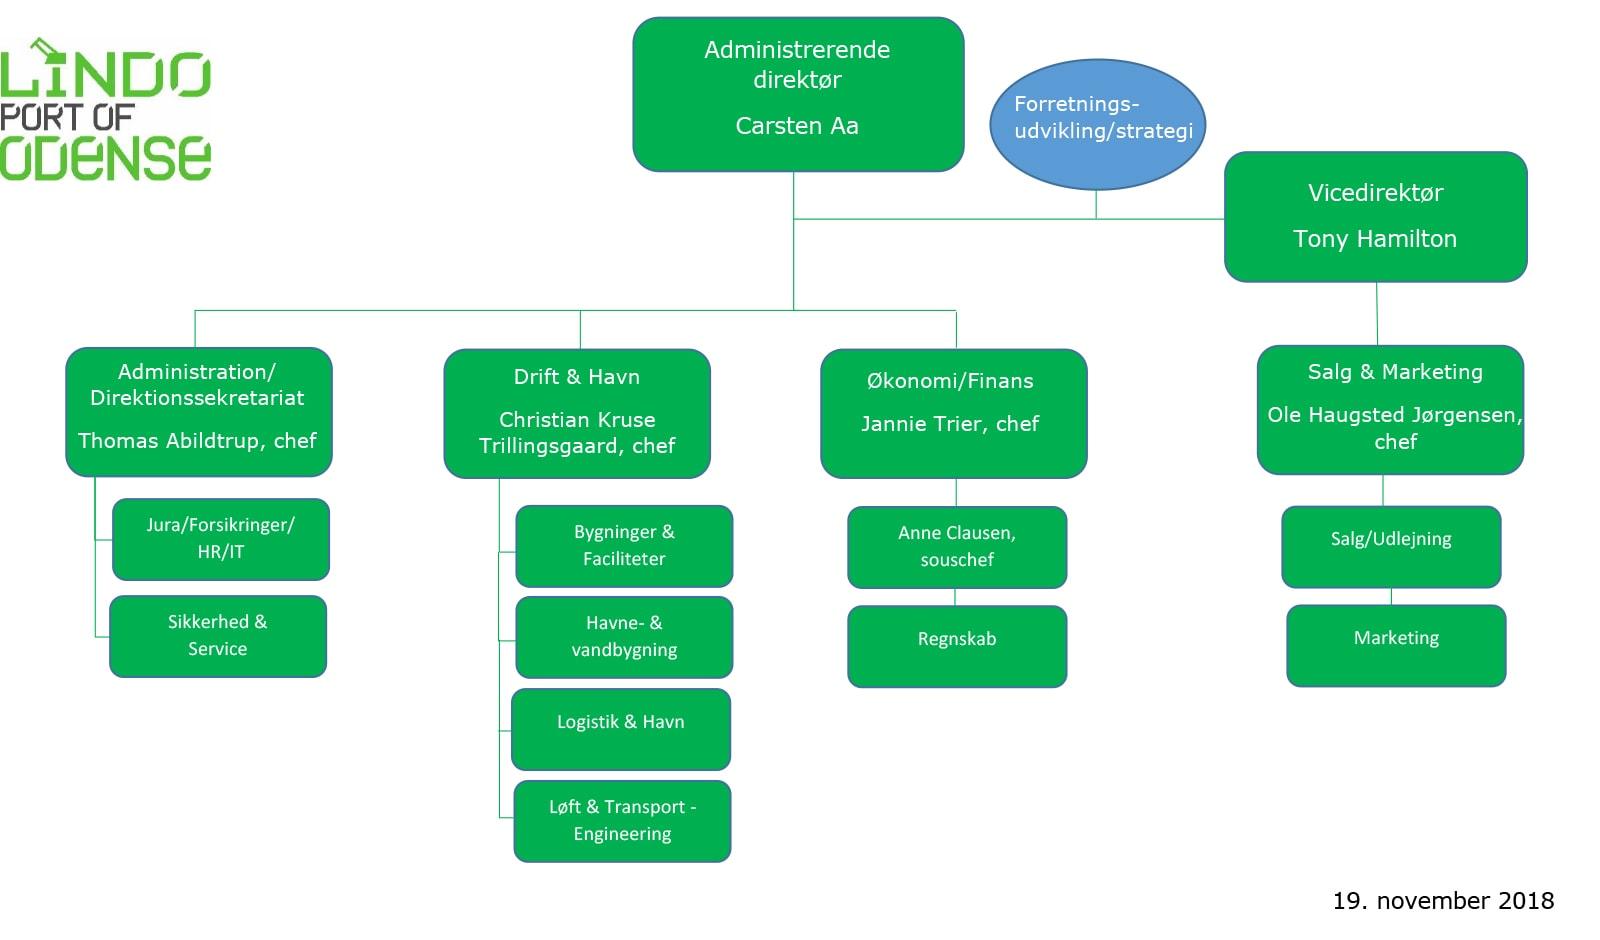 20160901---DK-Organisationdiagram